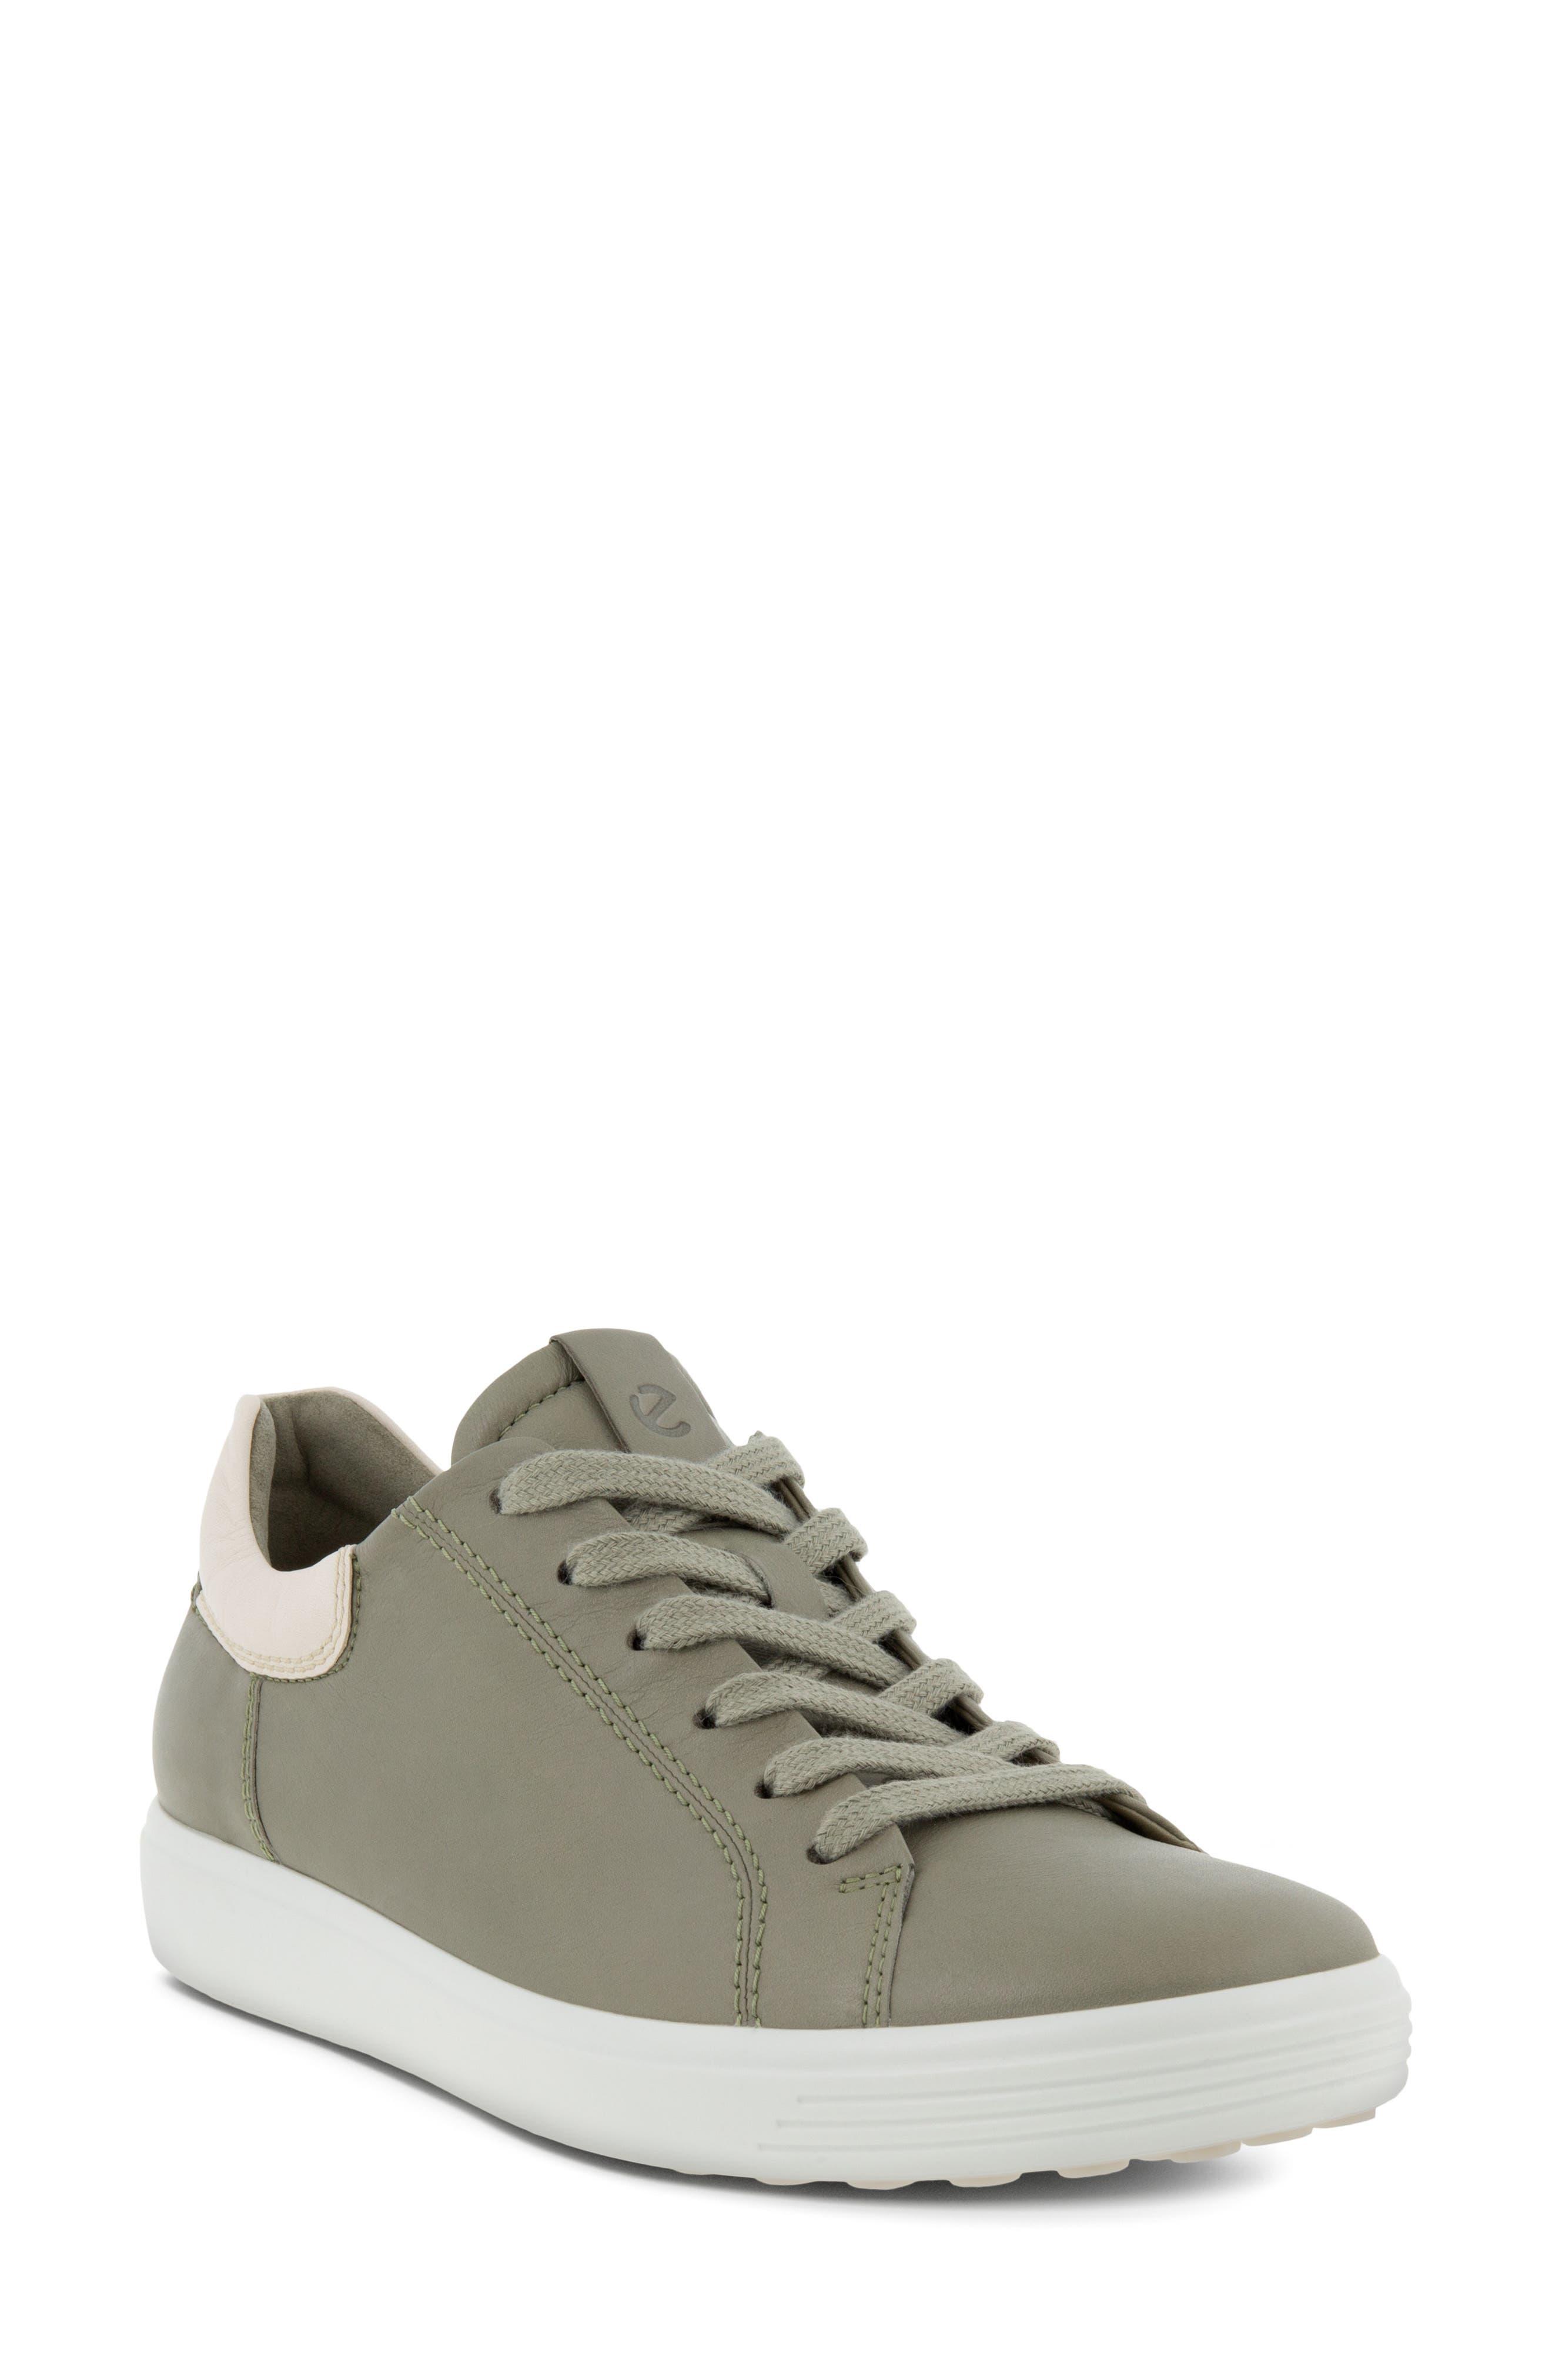 Women's Ecco Soft 7 Street Sneaker